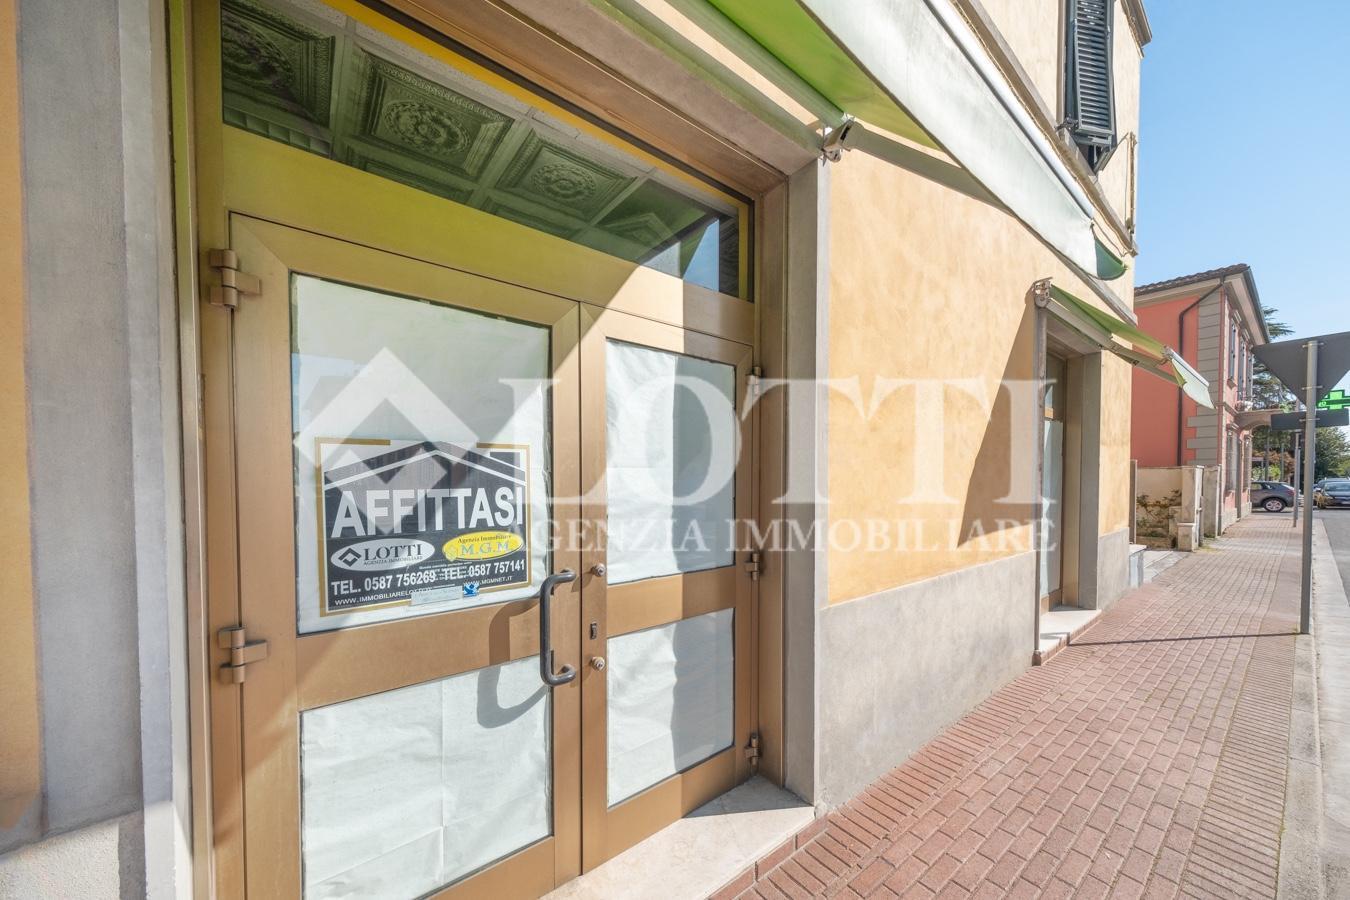 Locale comm.le/Fondo in affitto commerciale, rif. 755